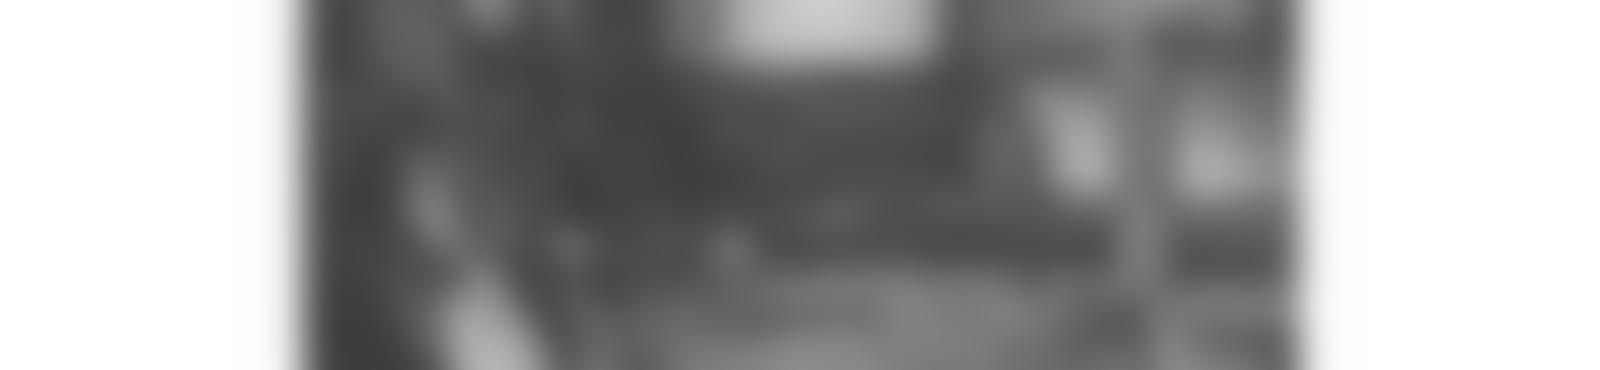 Blurred f9bff1b0 9ba8 4869 bdf6 498a04989793